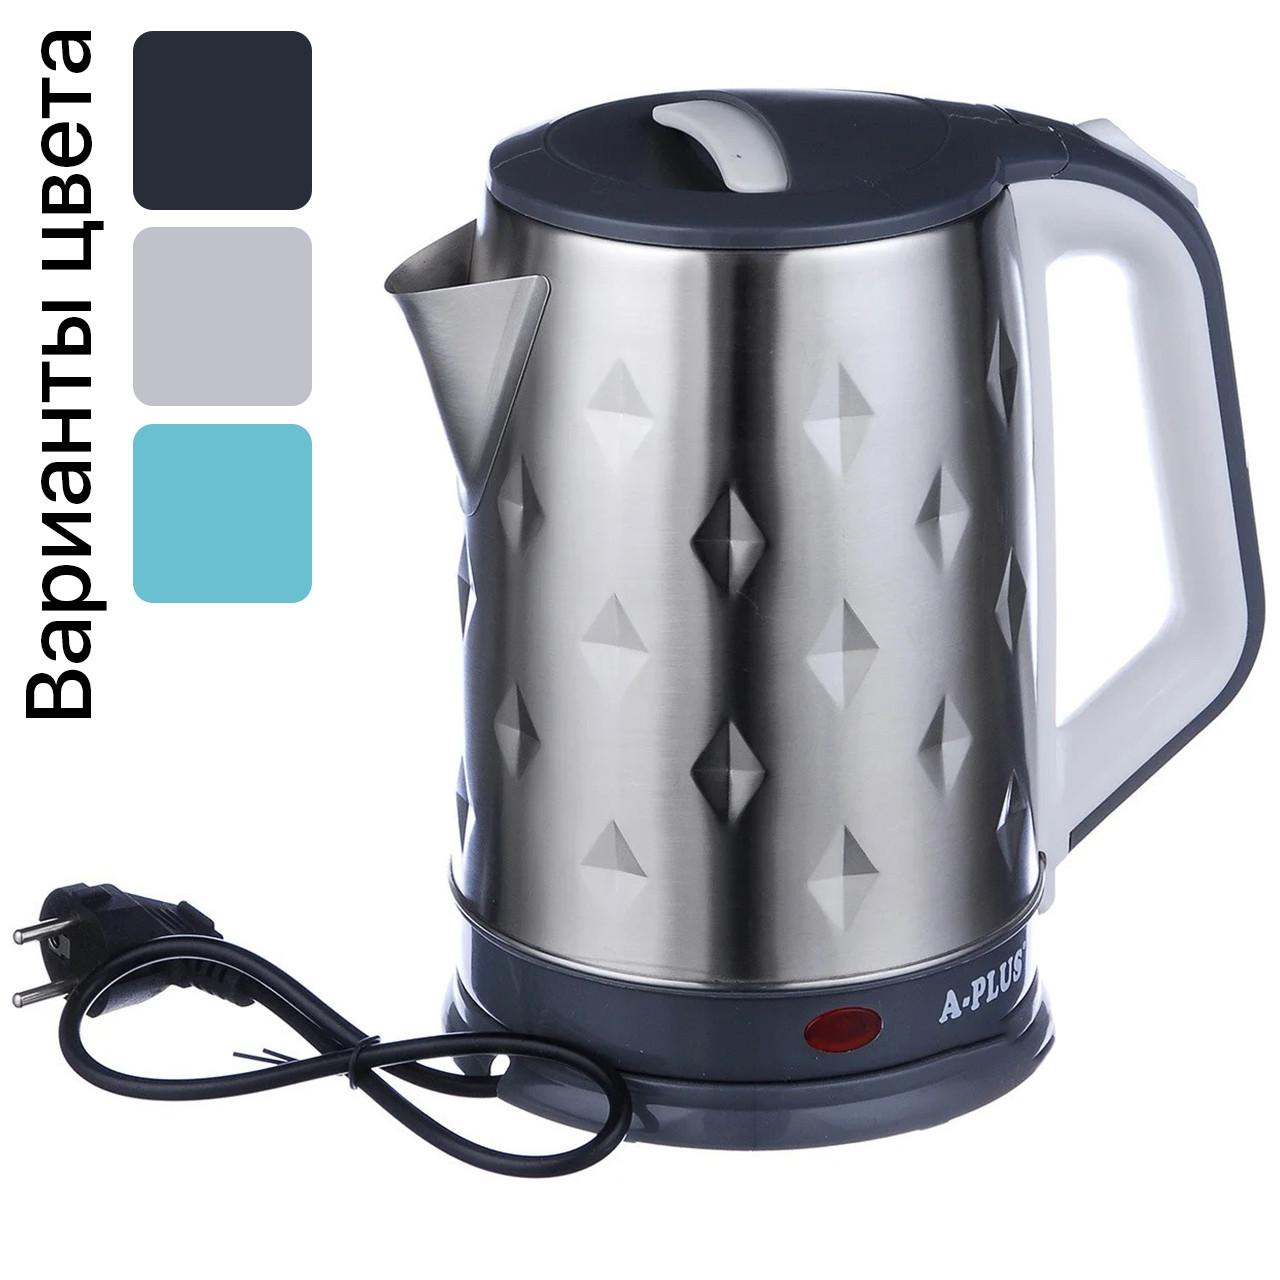 Электрочайник дисковый нержавейка A-PLUS 2.0 л чайник электрический